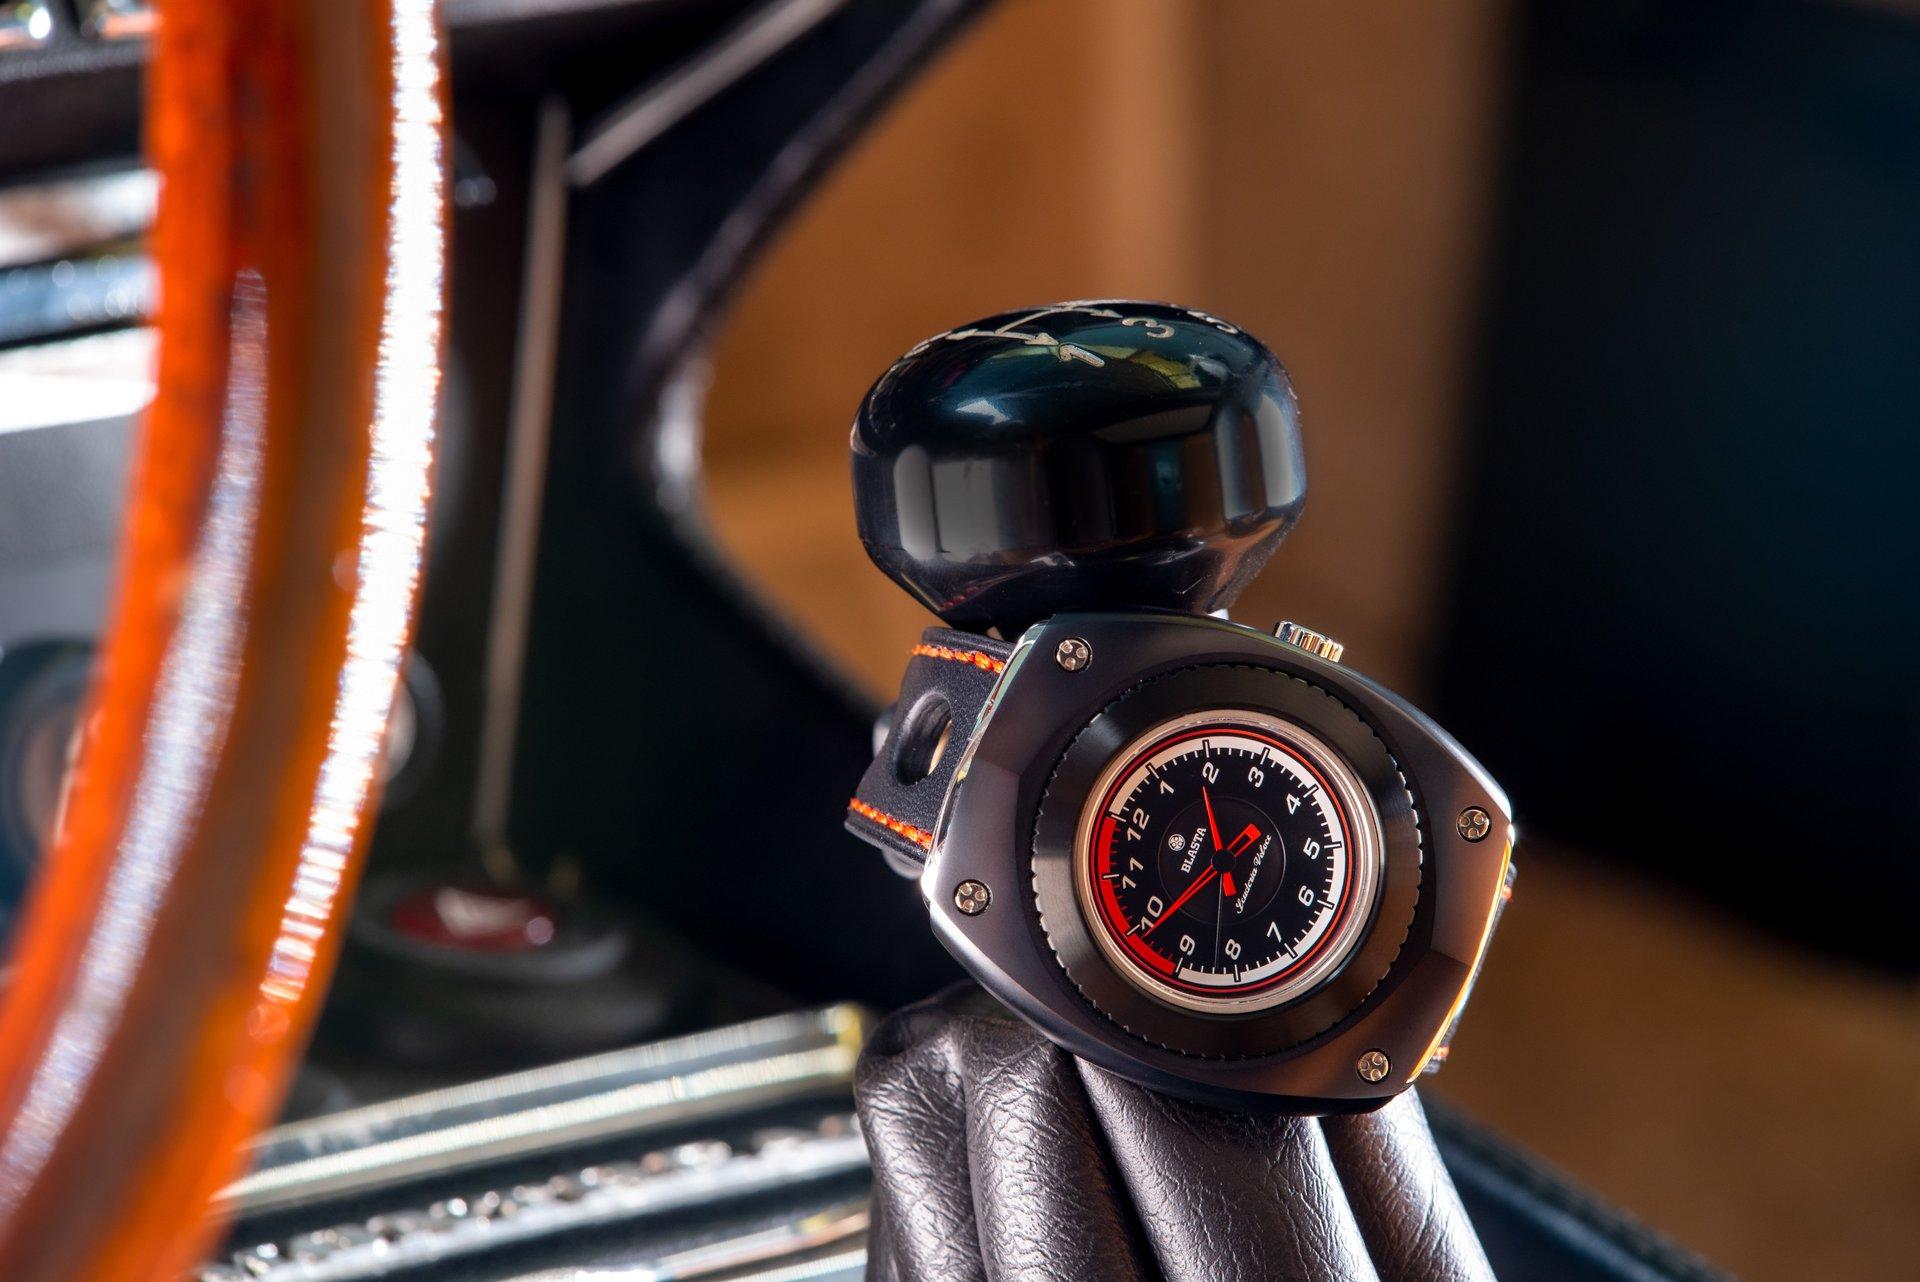 Blasta Watch Scuderia Veloce, nero profondo Photo taken on the gar lever of a Alfa Romeo Montreal.